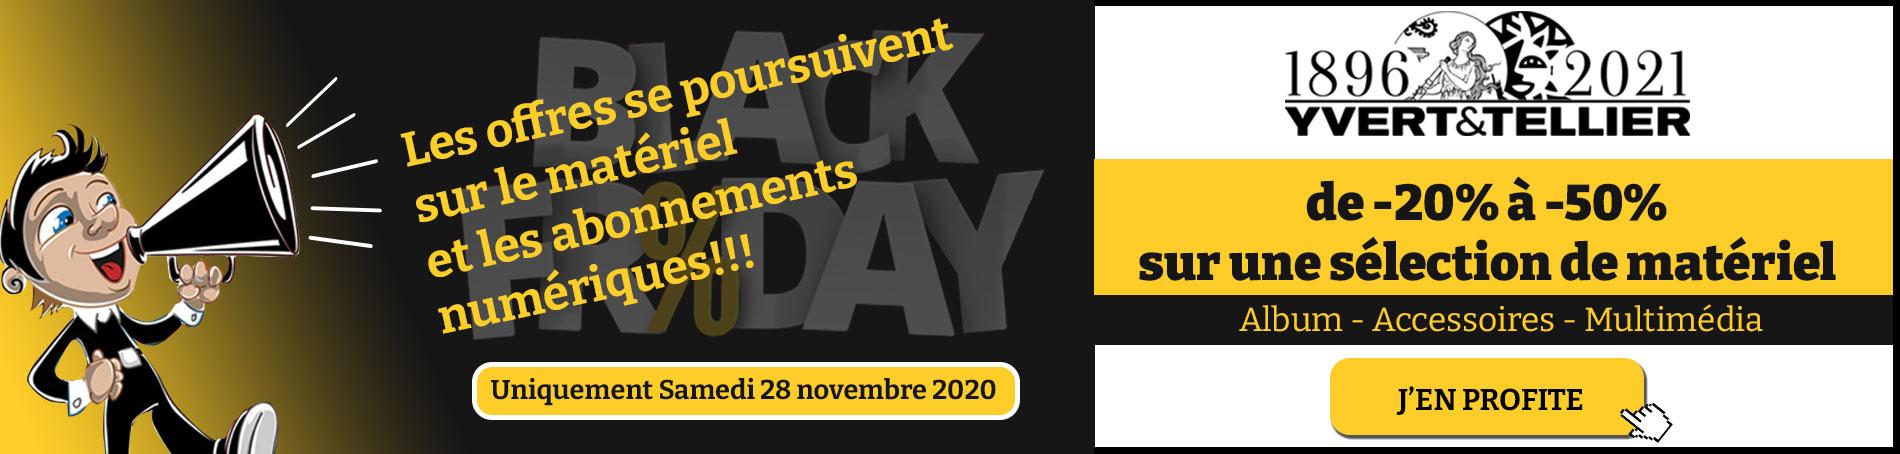 Black - Friday - Suite - Materiel